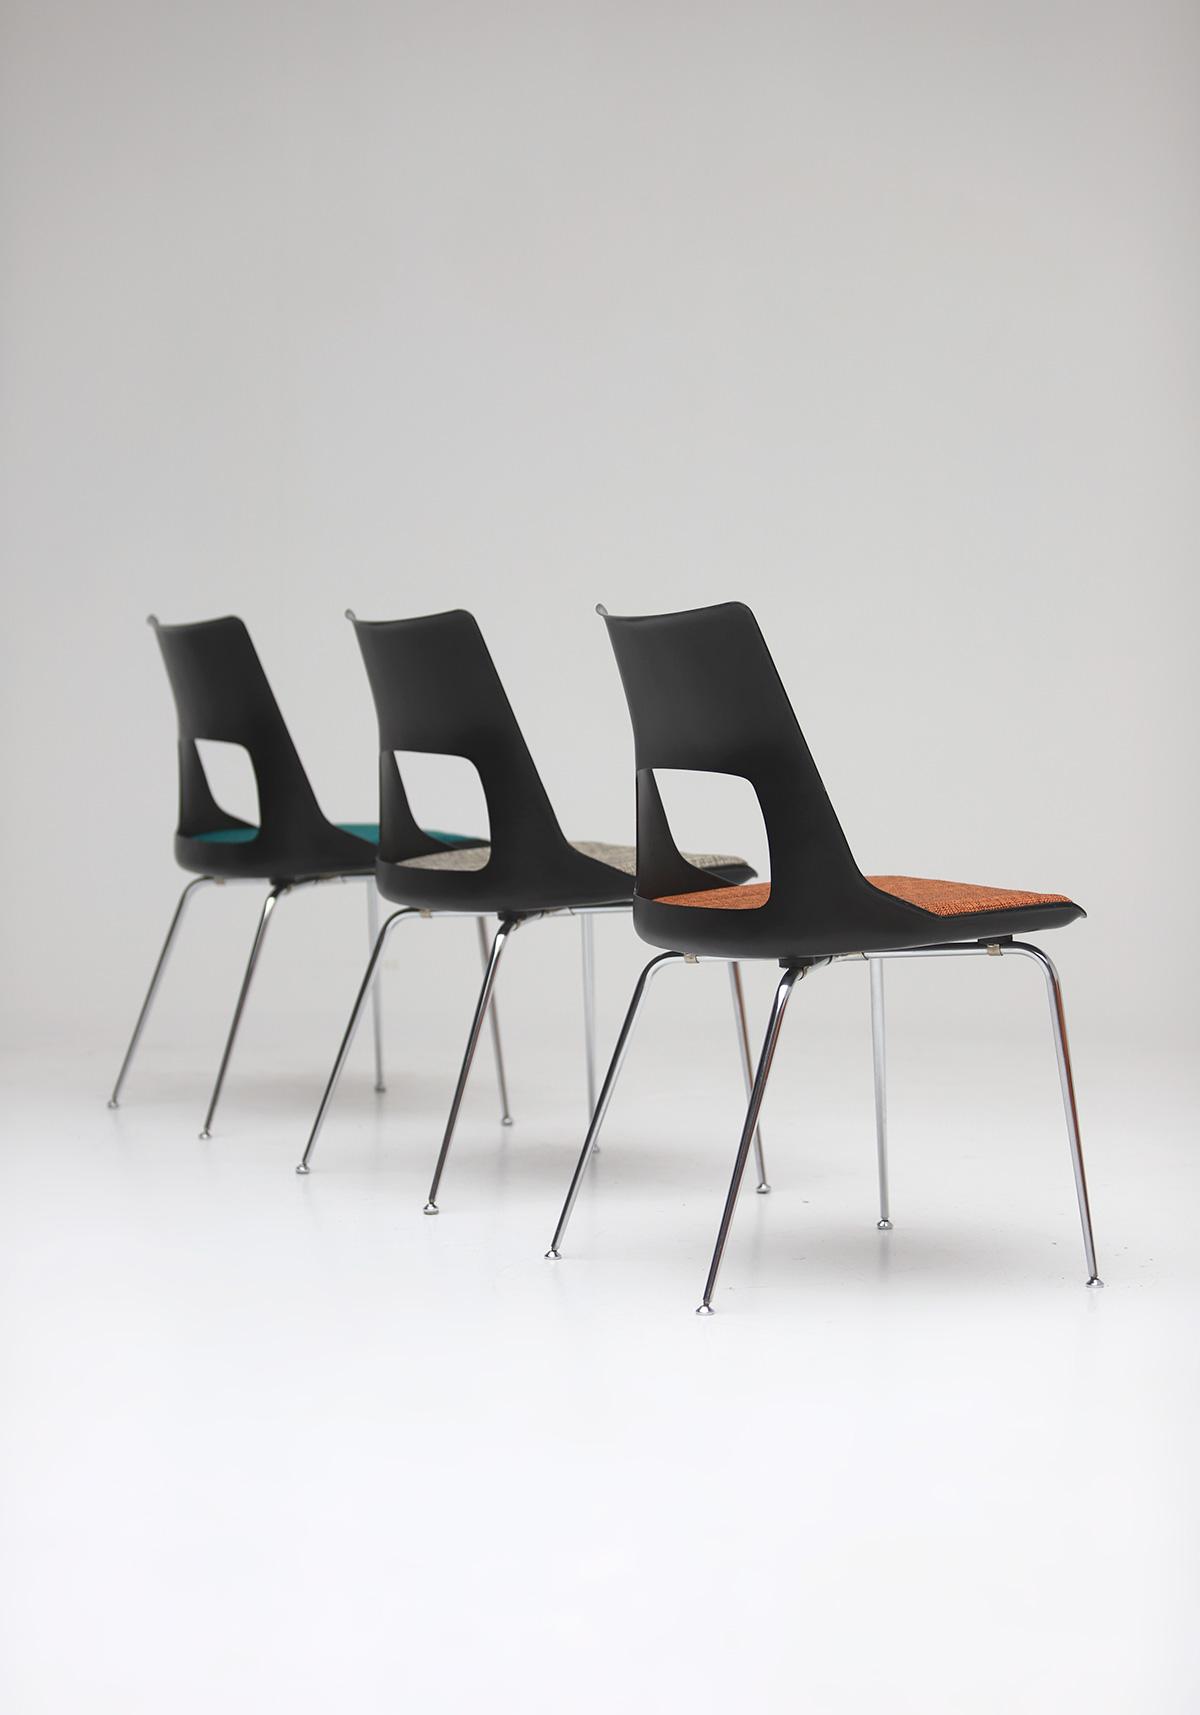 Set of three Modern Kay Korbing chairs for Fibrex Danmarkimage 10